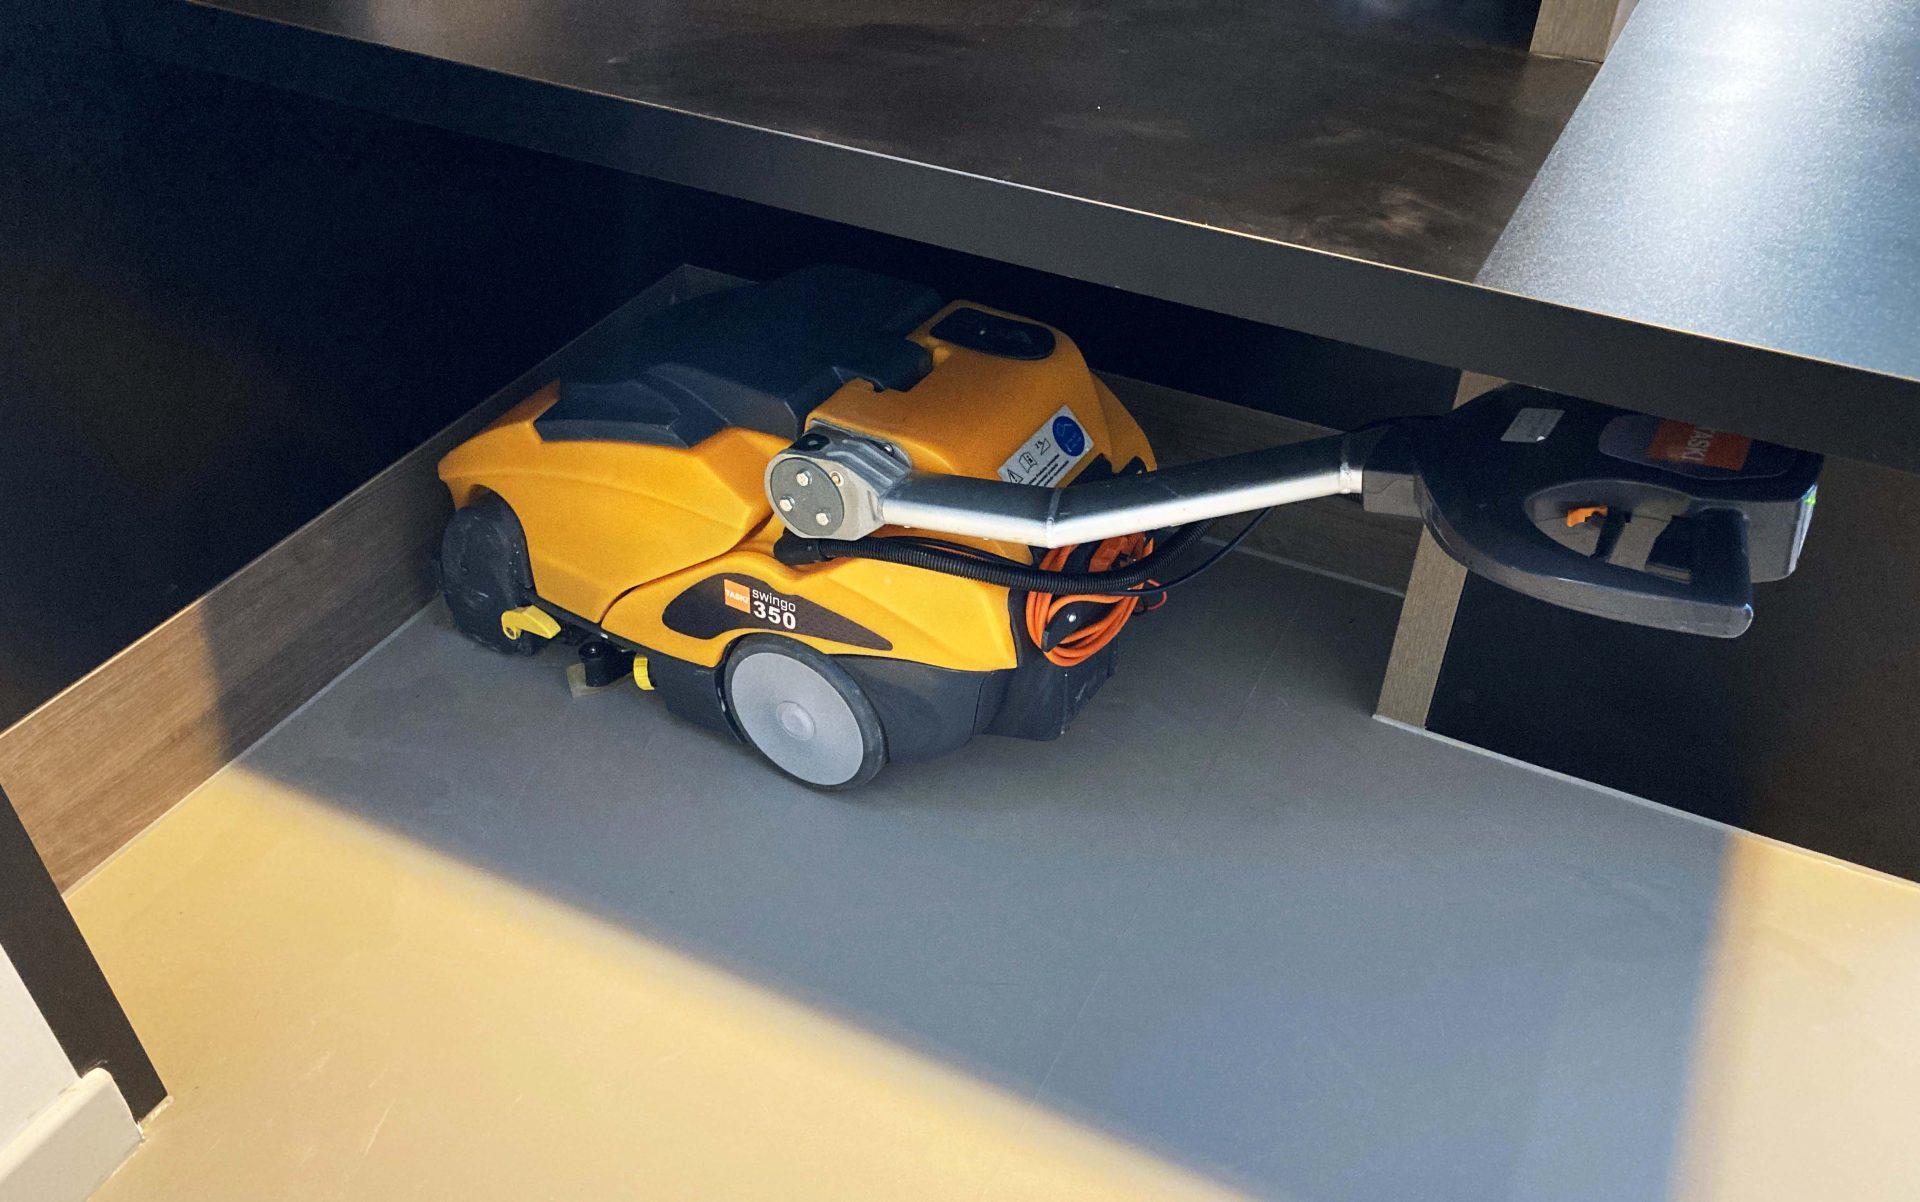 taski hard floor scrubber